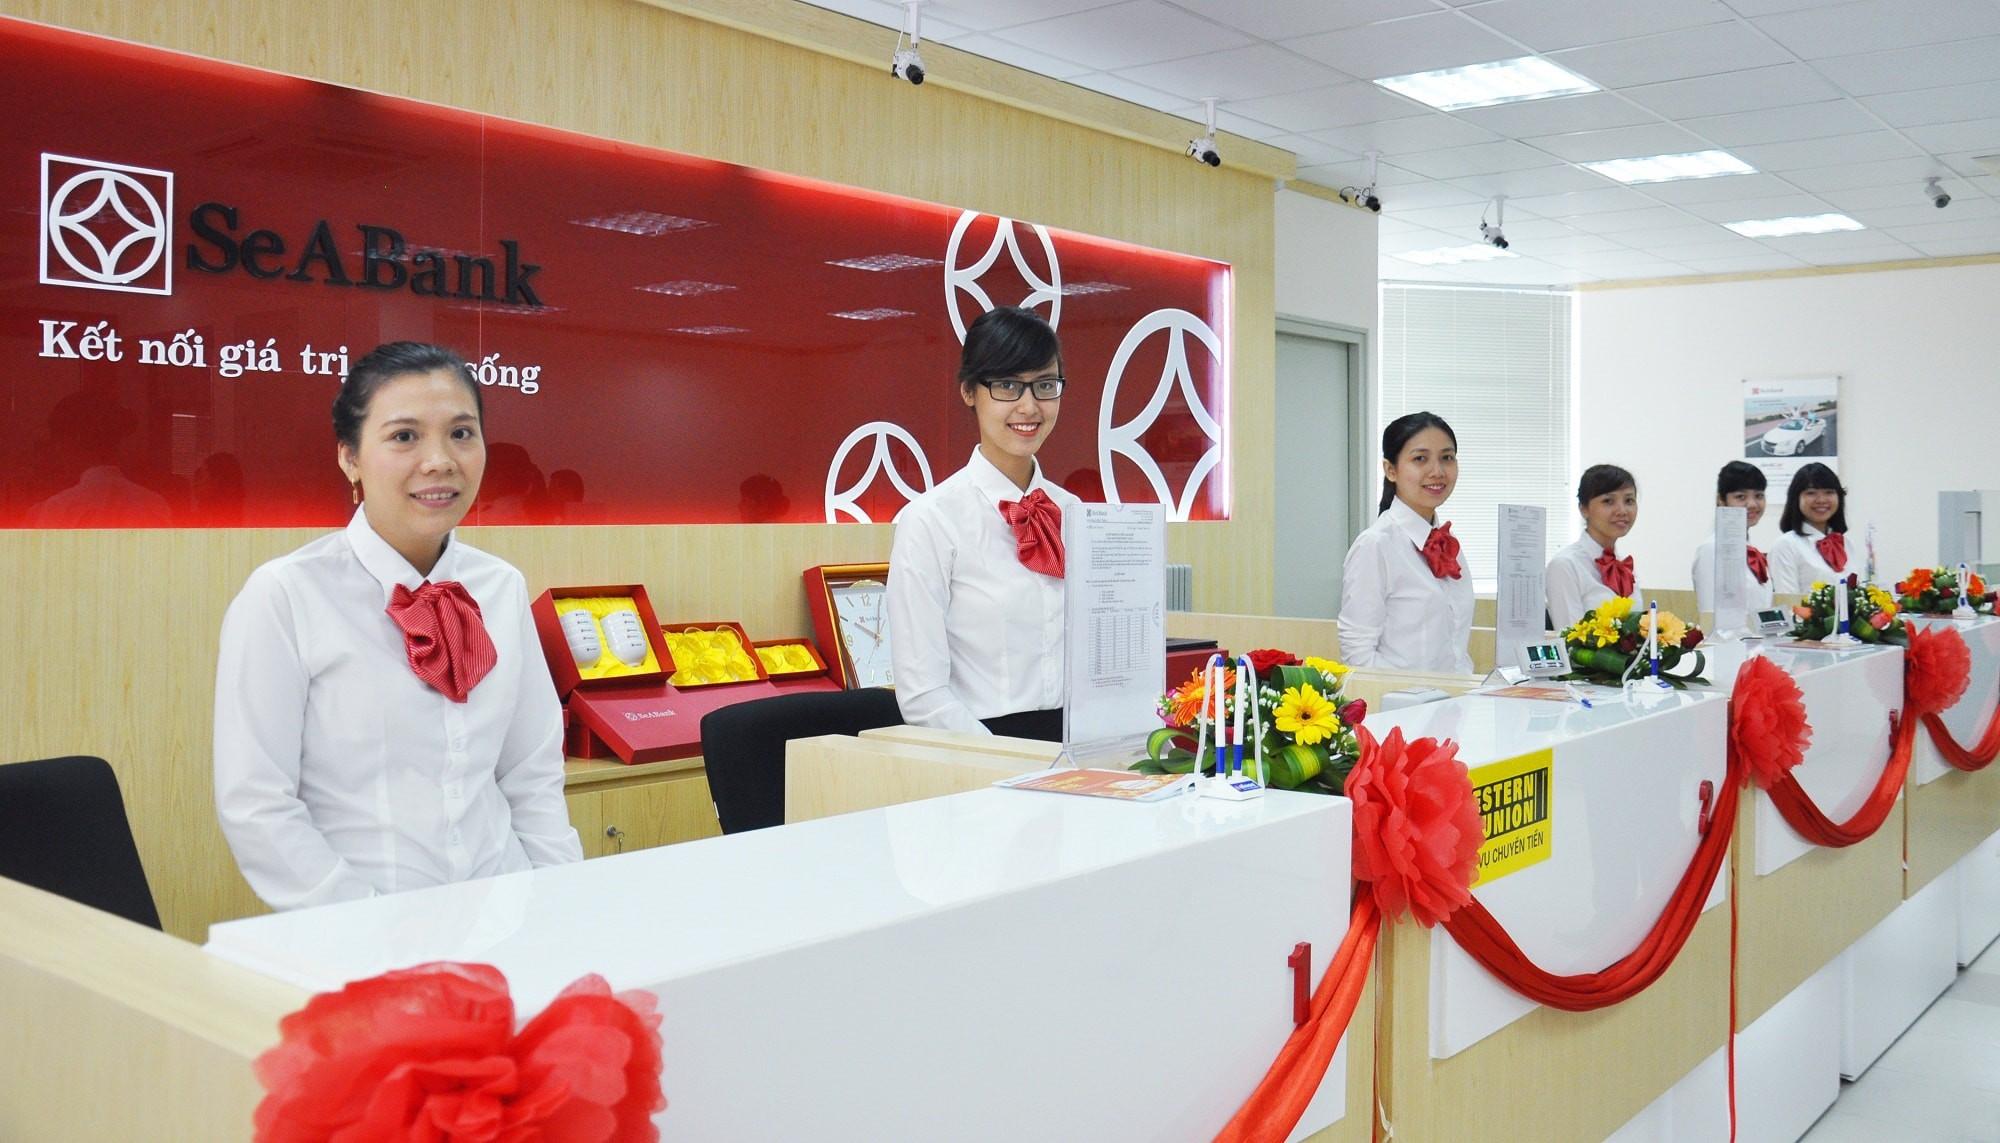 Lãi suất ngân hàng SeABank cao nhất tháng 9/2019 là 7,43%/năm  - Ảnh 1.